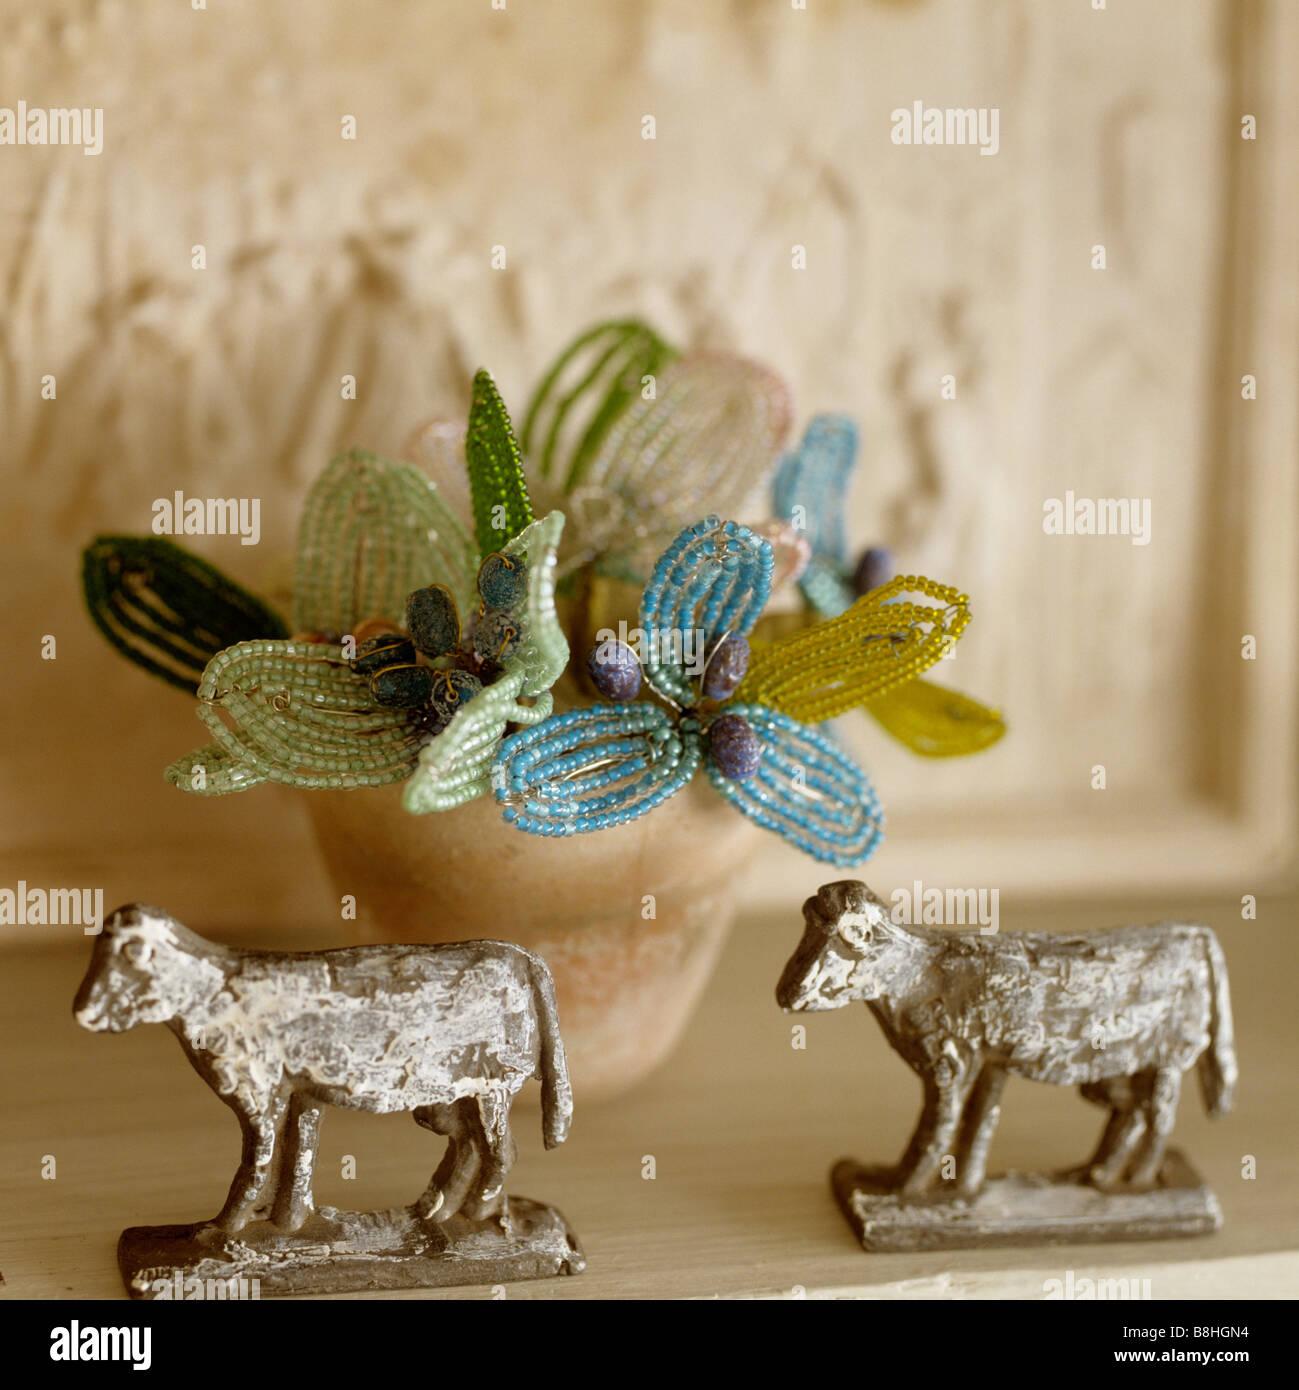 Dettaglio decorativo di zinco francese mucche nella parte anteriore dei fiori di perline Immagini Stock